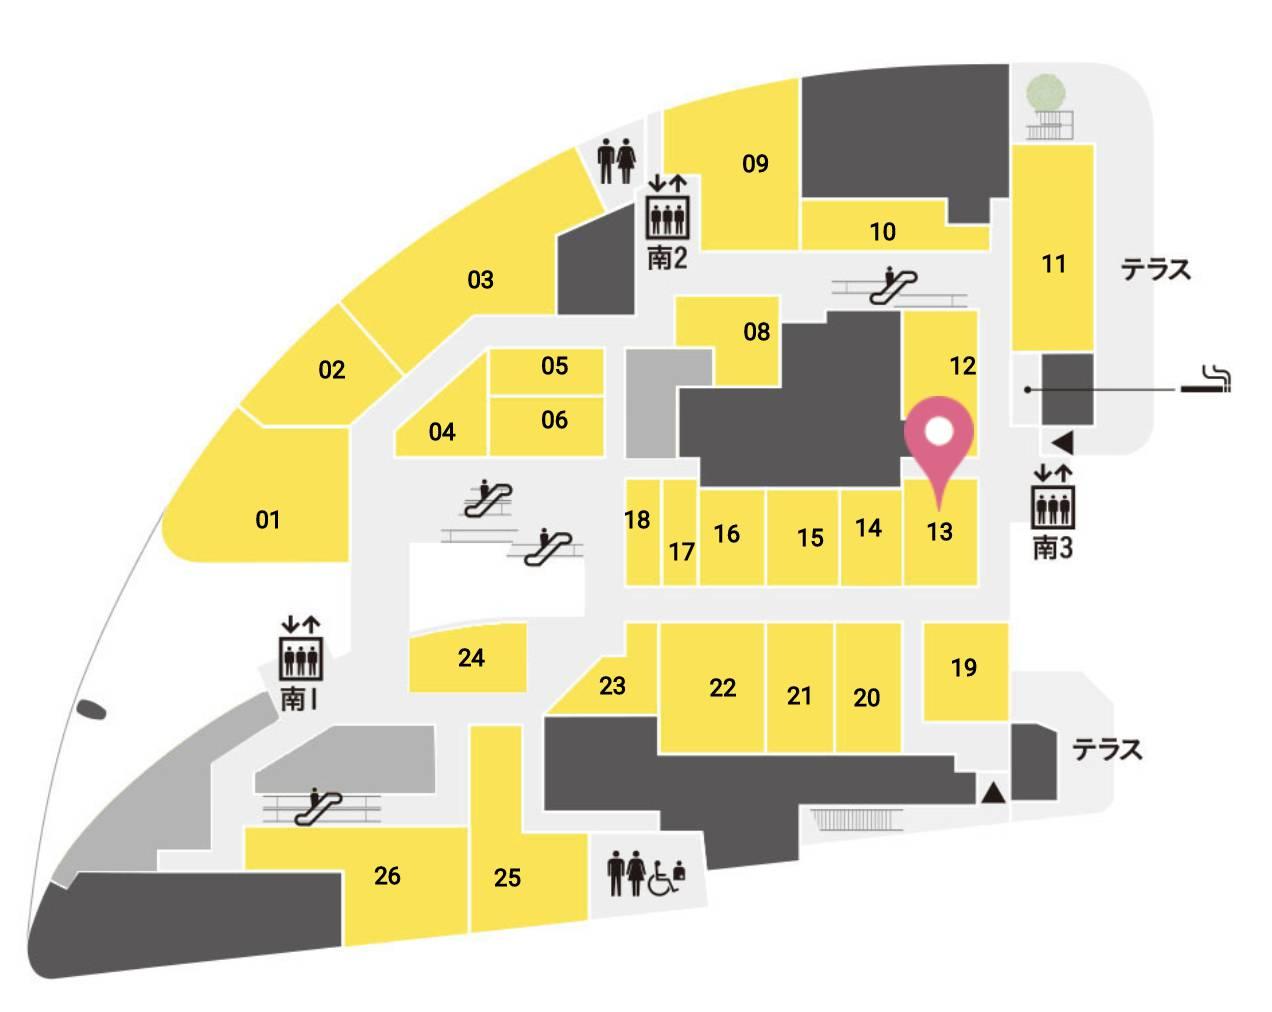 大坂おでん焼とん久 グランフロント大阪店 フロアマップ